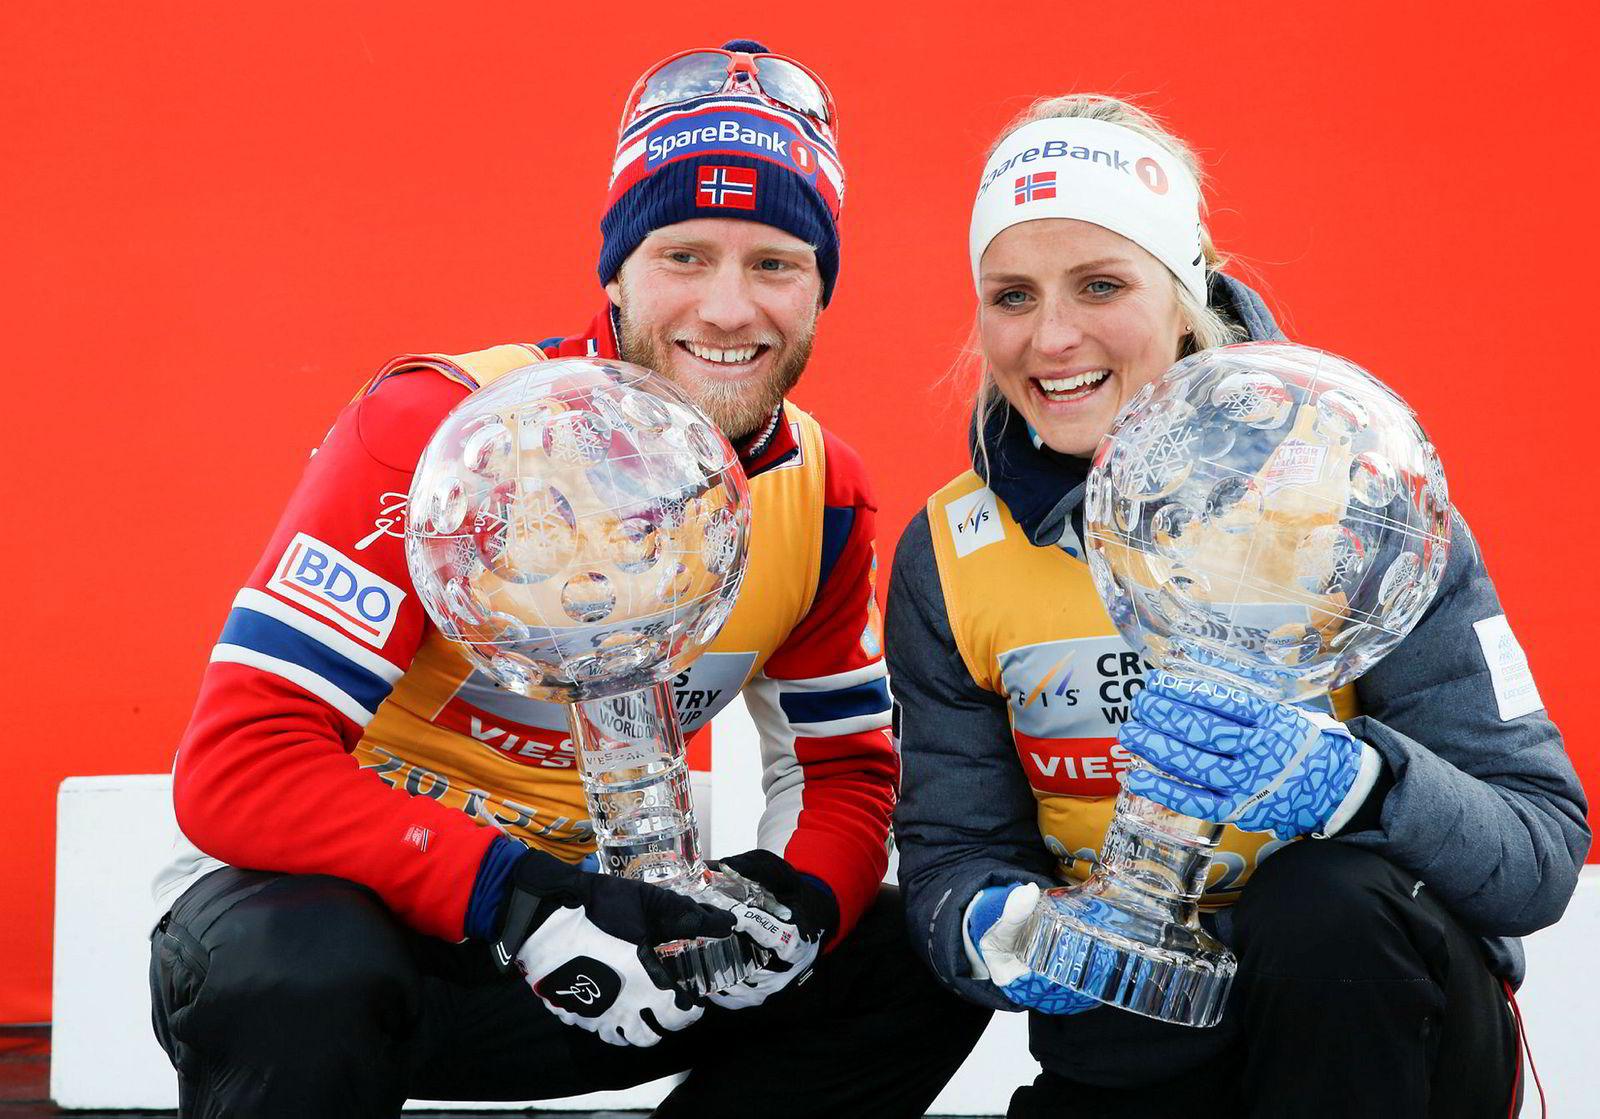 Martin Johnsrud Sundby og Therese Johaug var de to store langrennsstjernene sist vinter. Nå har Sundby sonet en to måneder lang straff for brudd på dopingreglementet. Johaug venter på endelig straff, som er innstilt til 14 måneder. Her som vinnere av verdenscupen sist vinter.